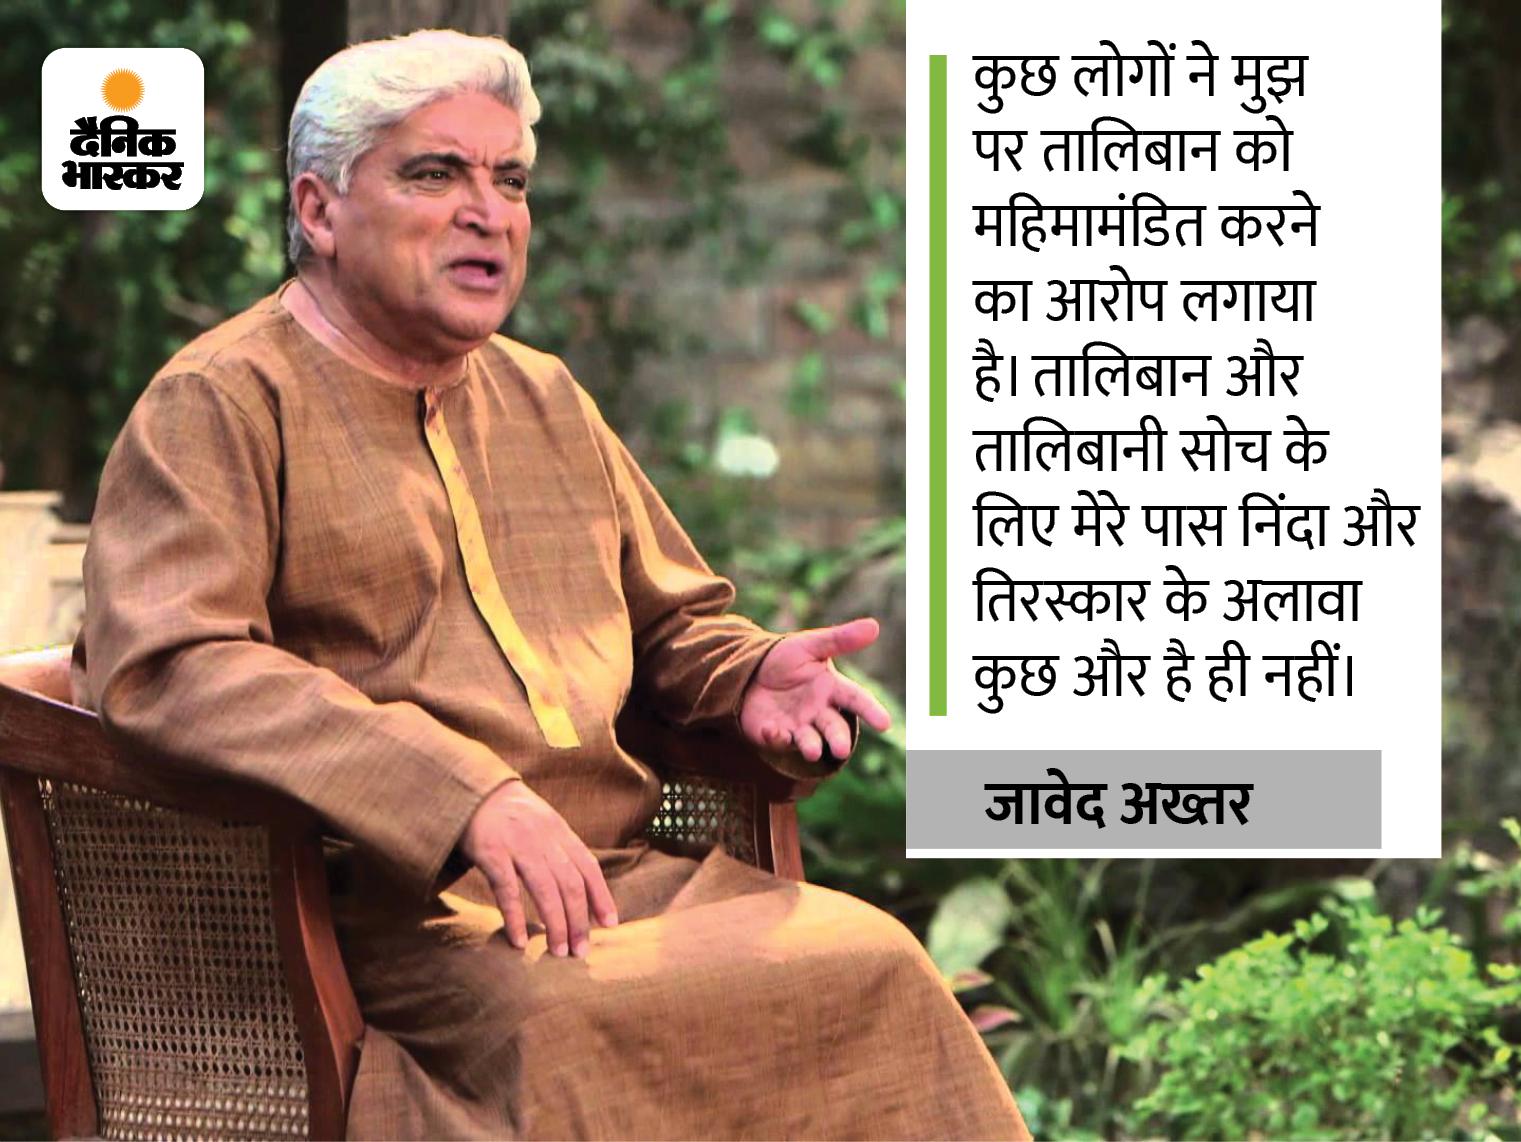 'पूरी दुनिया में हिंदू जनसमुदाय सबसे सज्जन और सहिष्णु बहुसंख्यक समाज है, हिंदुस्तान कभी अफगानिस्तान नहीं बन सकता...' देश,National - Dainik Bhaskar